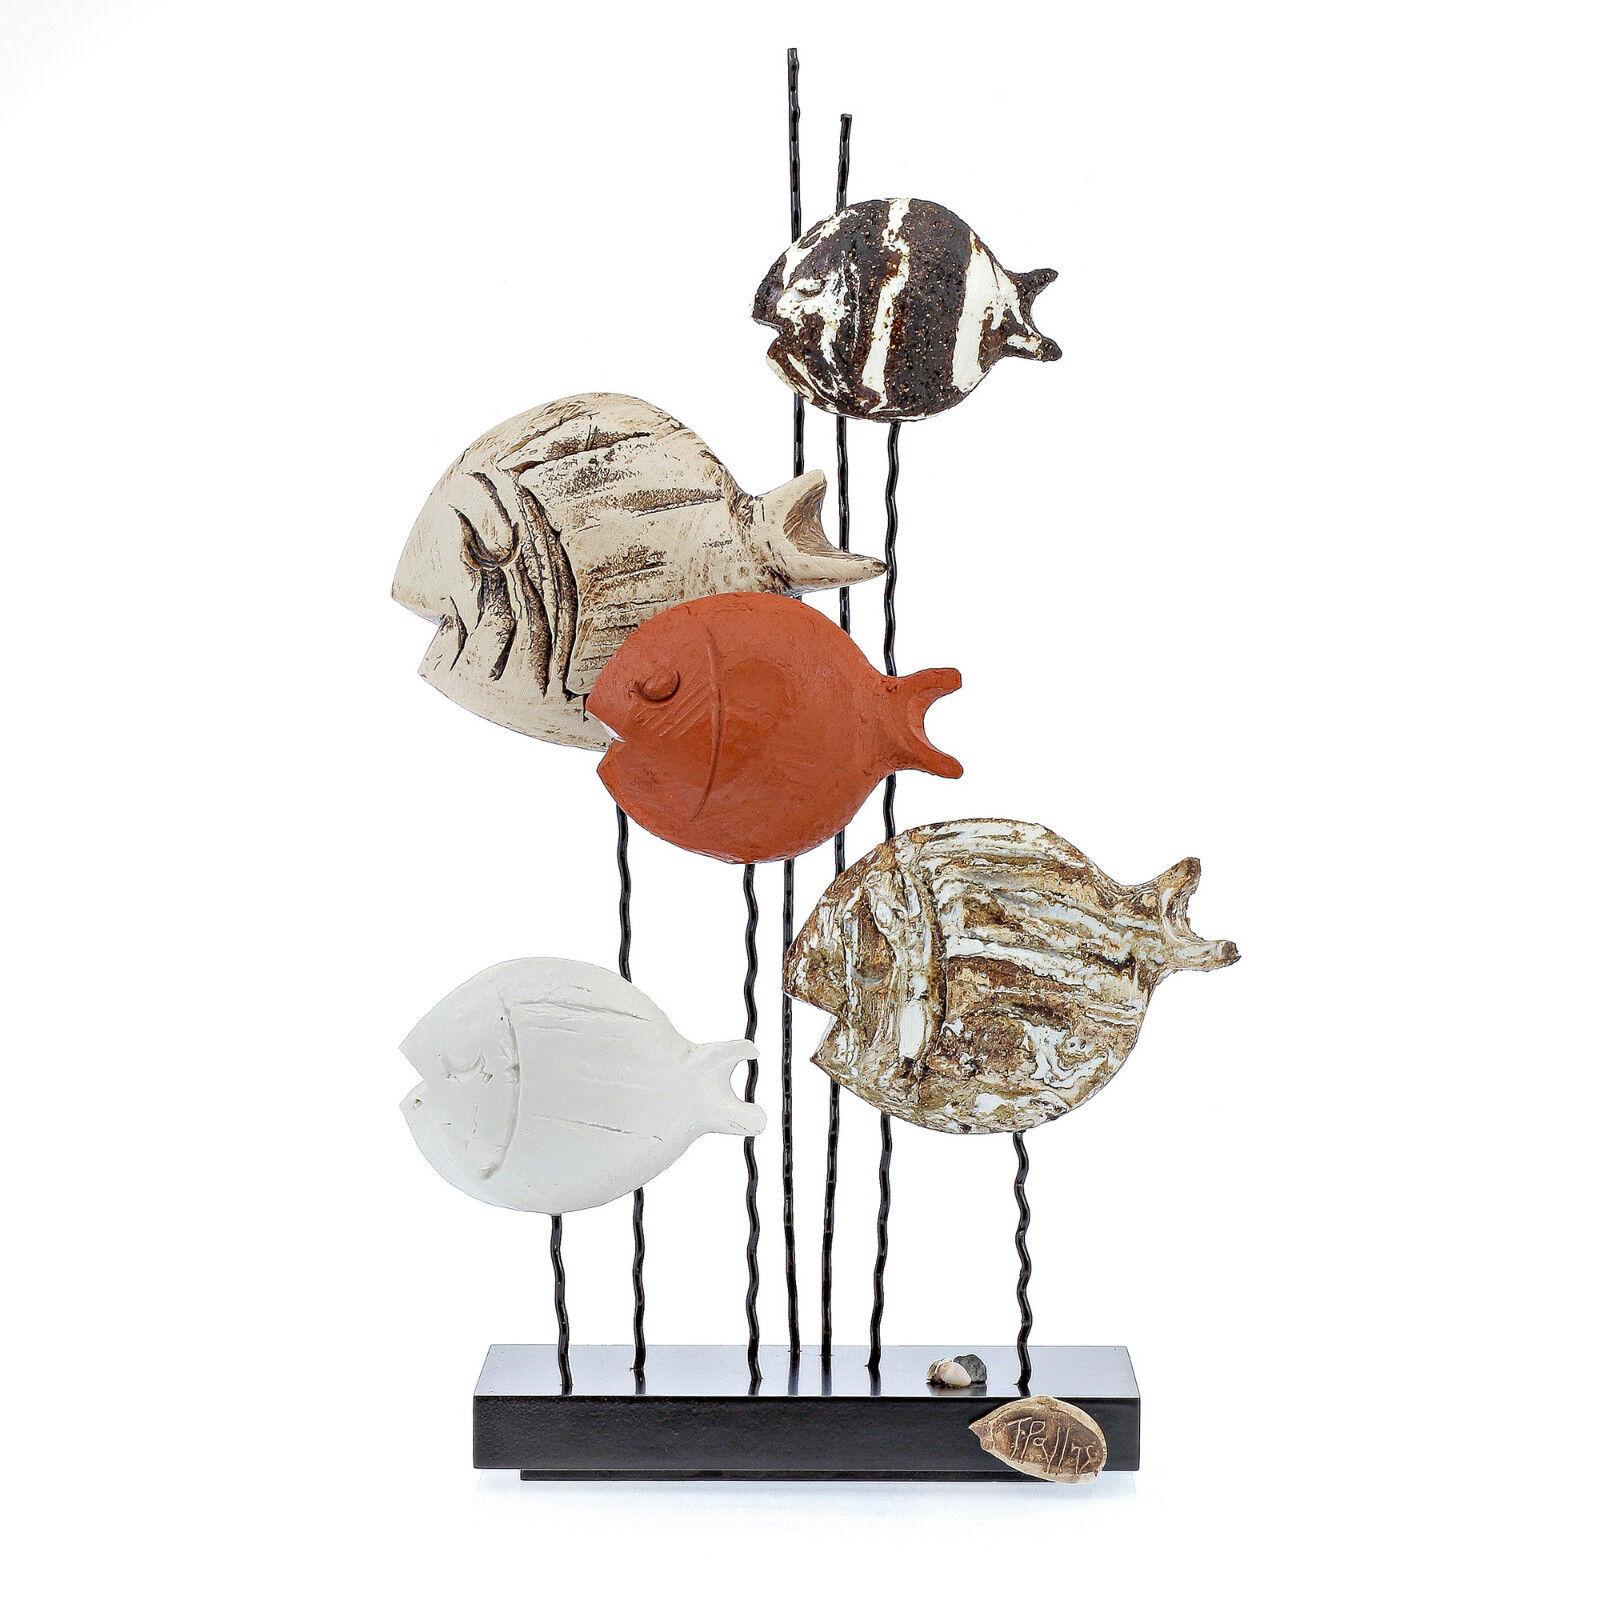 Figuras de peces tropicales-Hecho a Mano de Cerámica y Metal Decoración Grande, 15.5  (39 Cm)